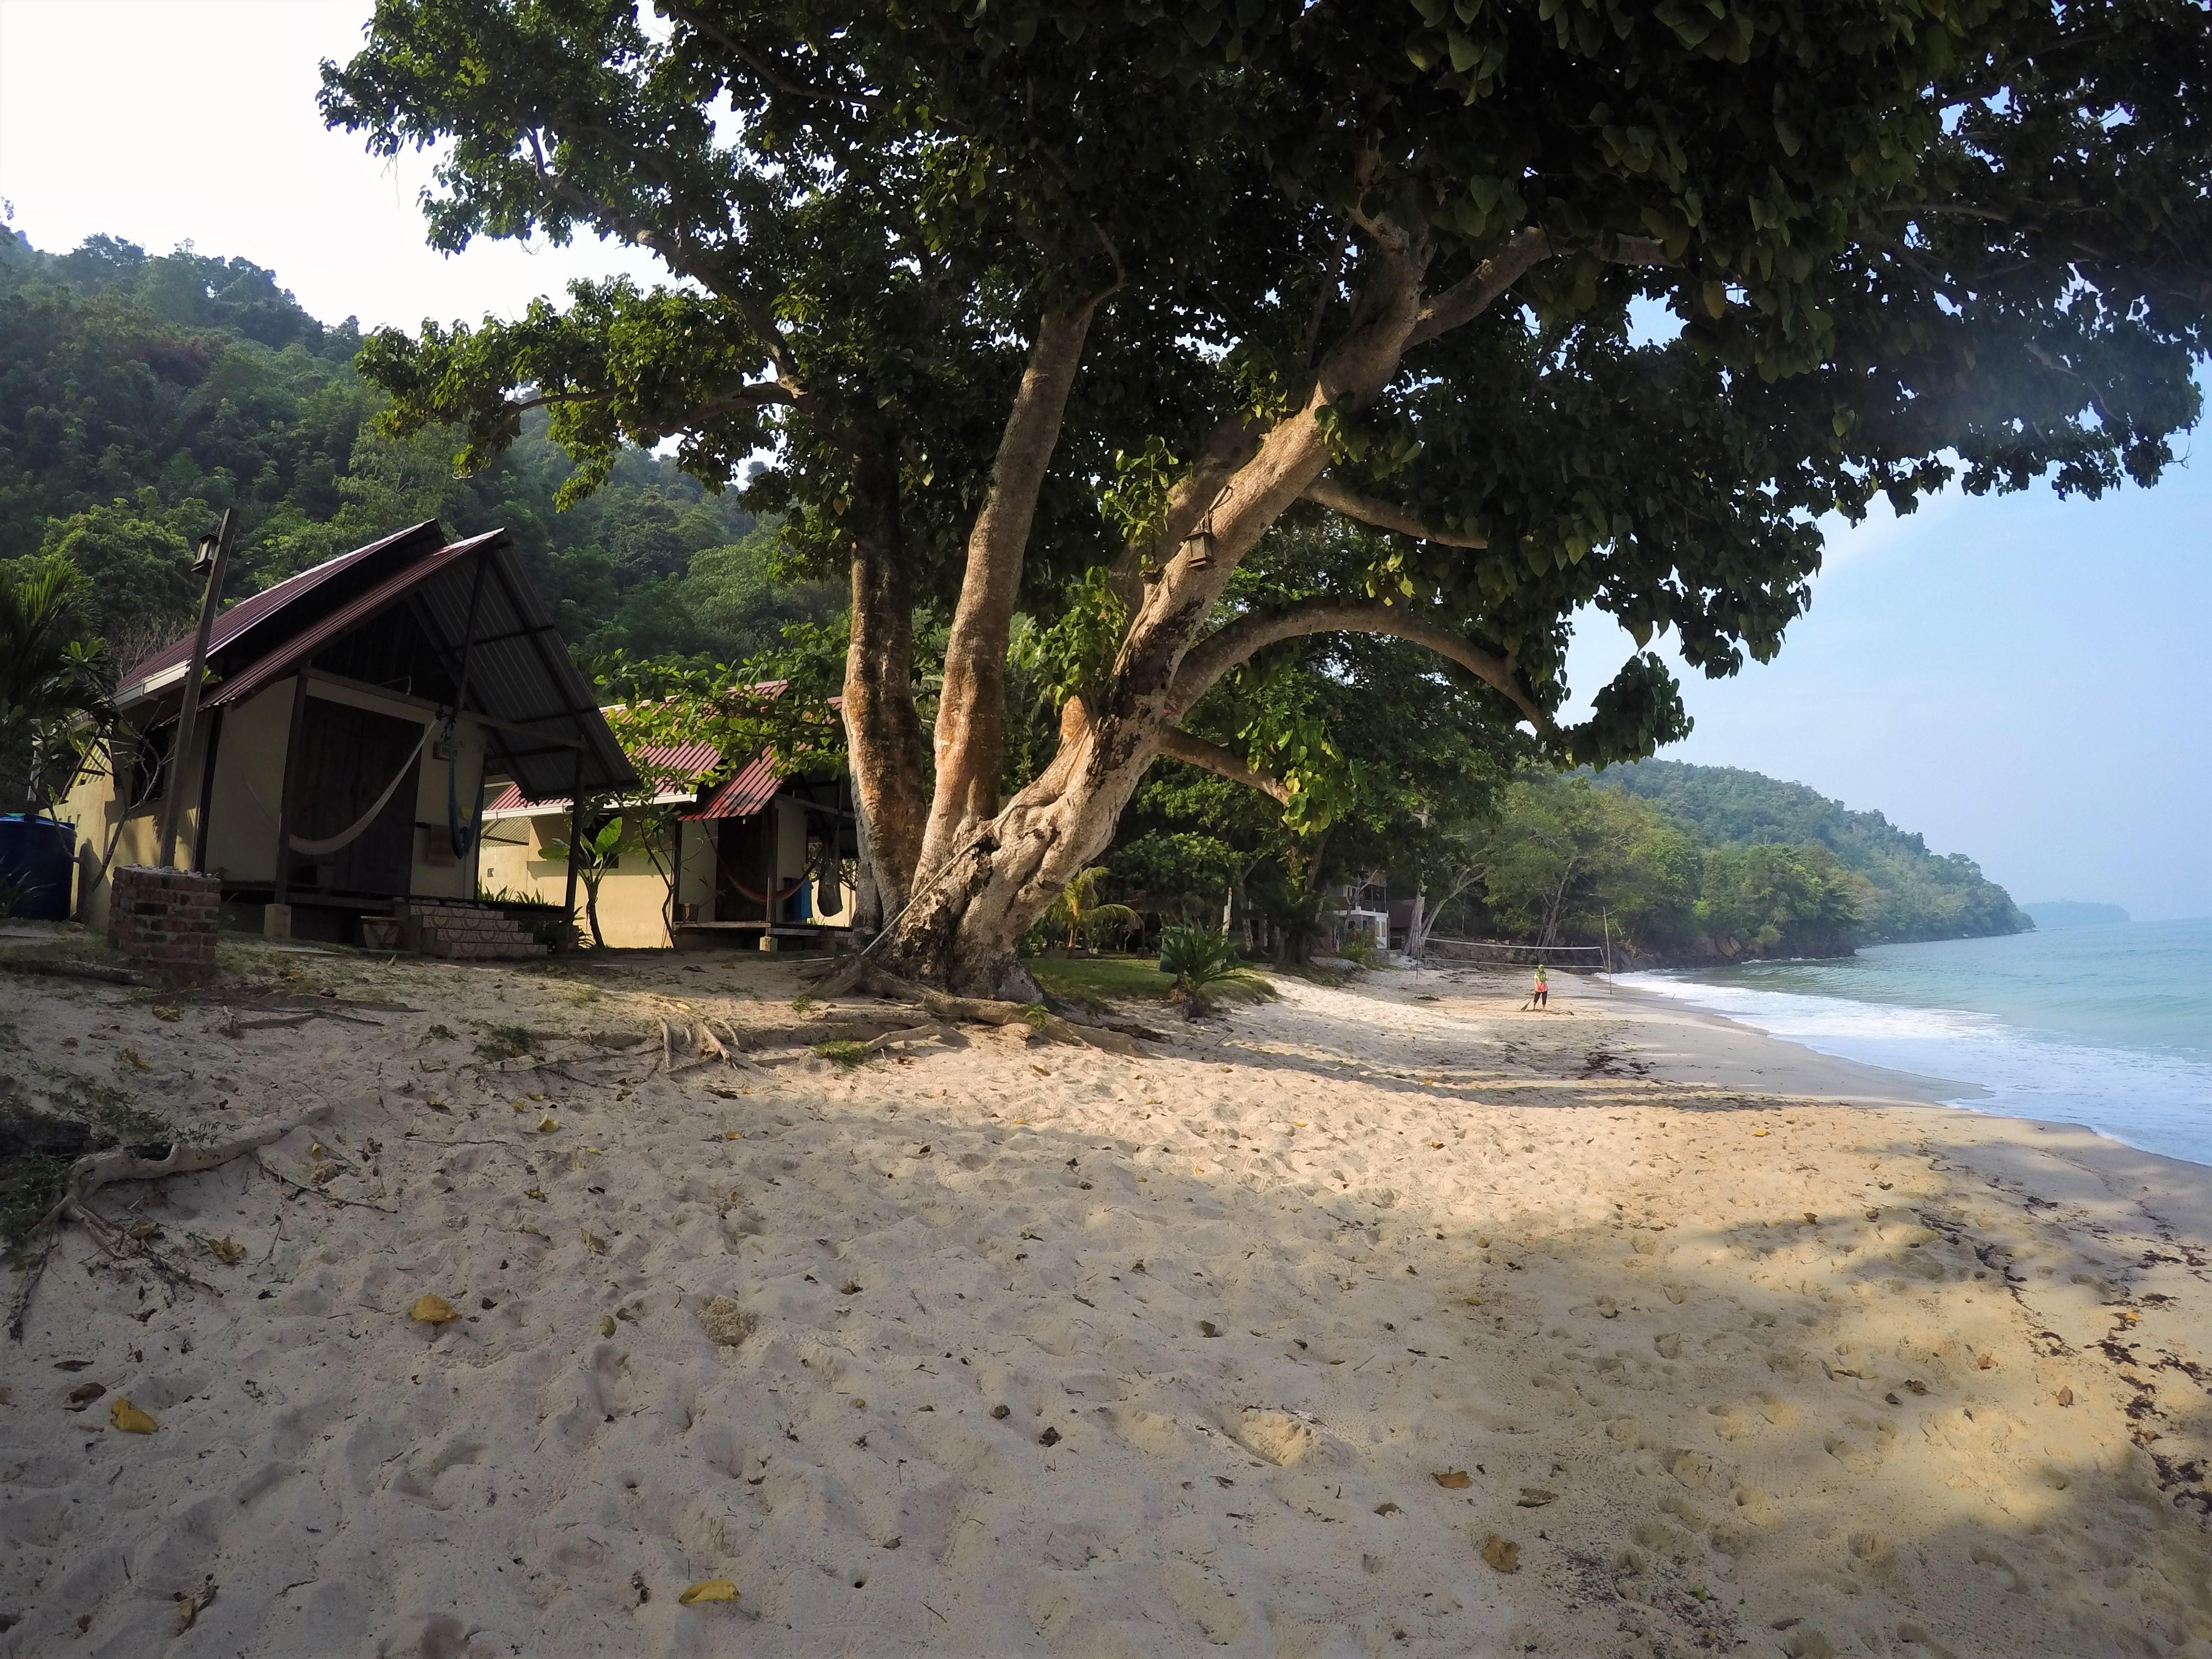 Resort Review | Mañana Borneo, Sabah